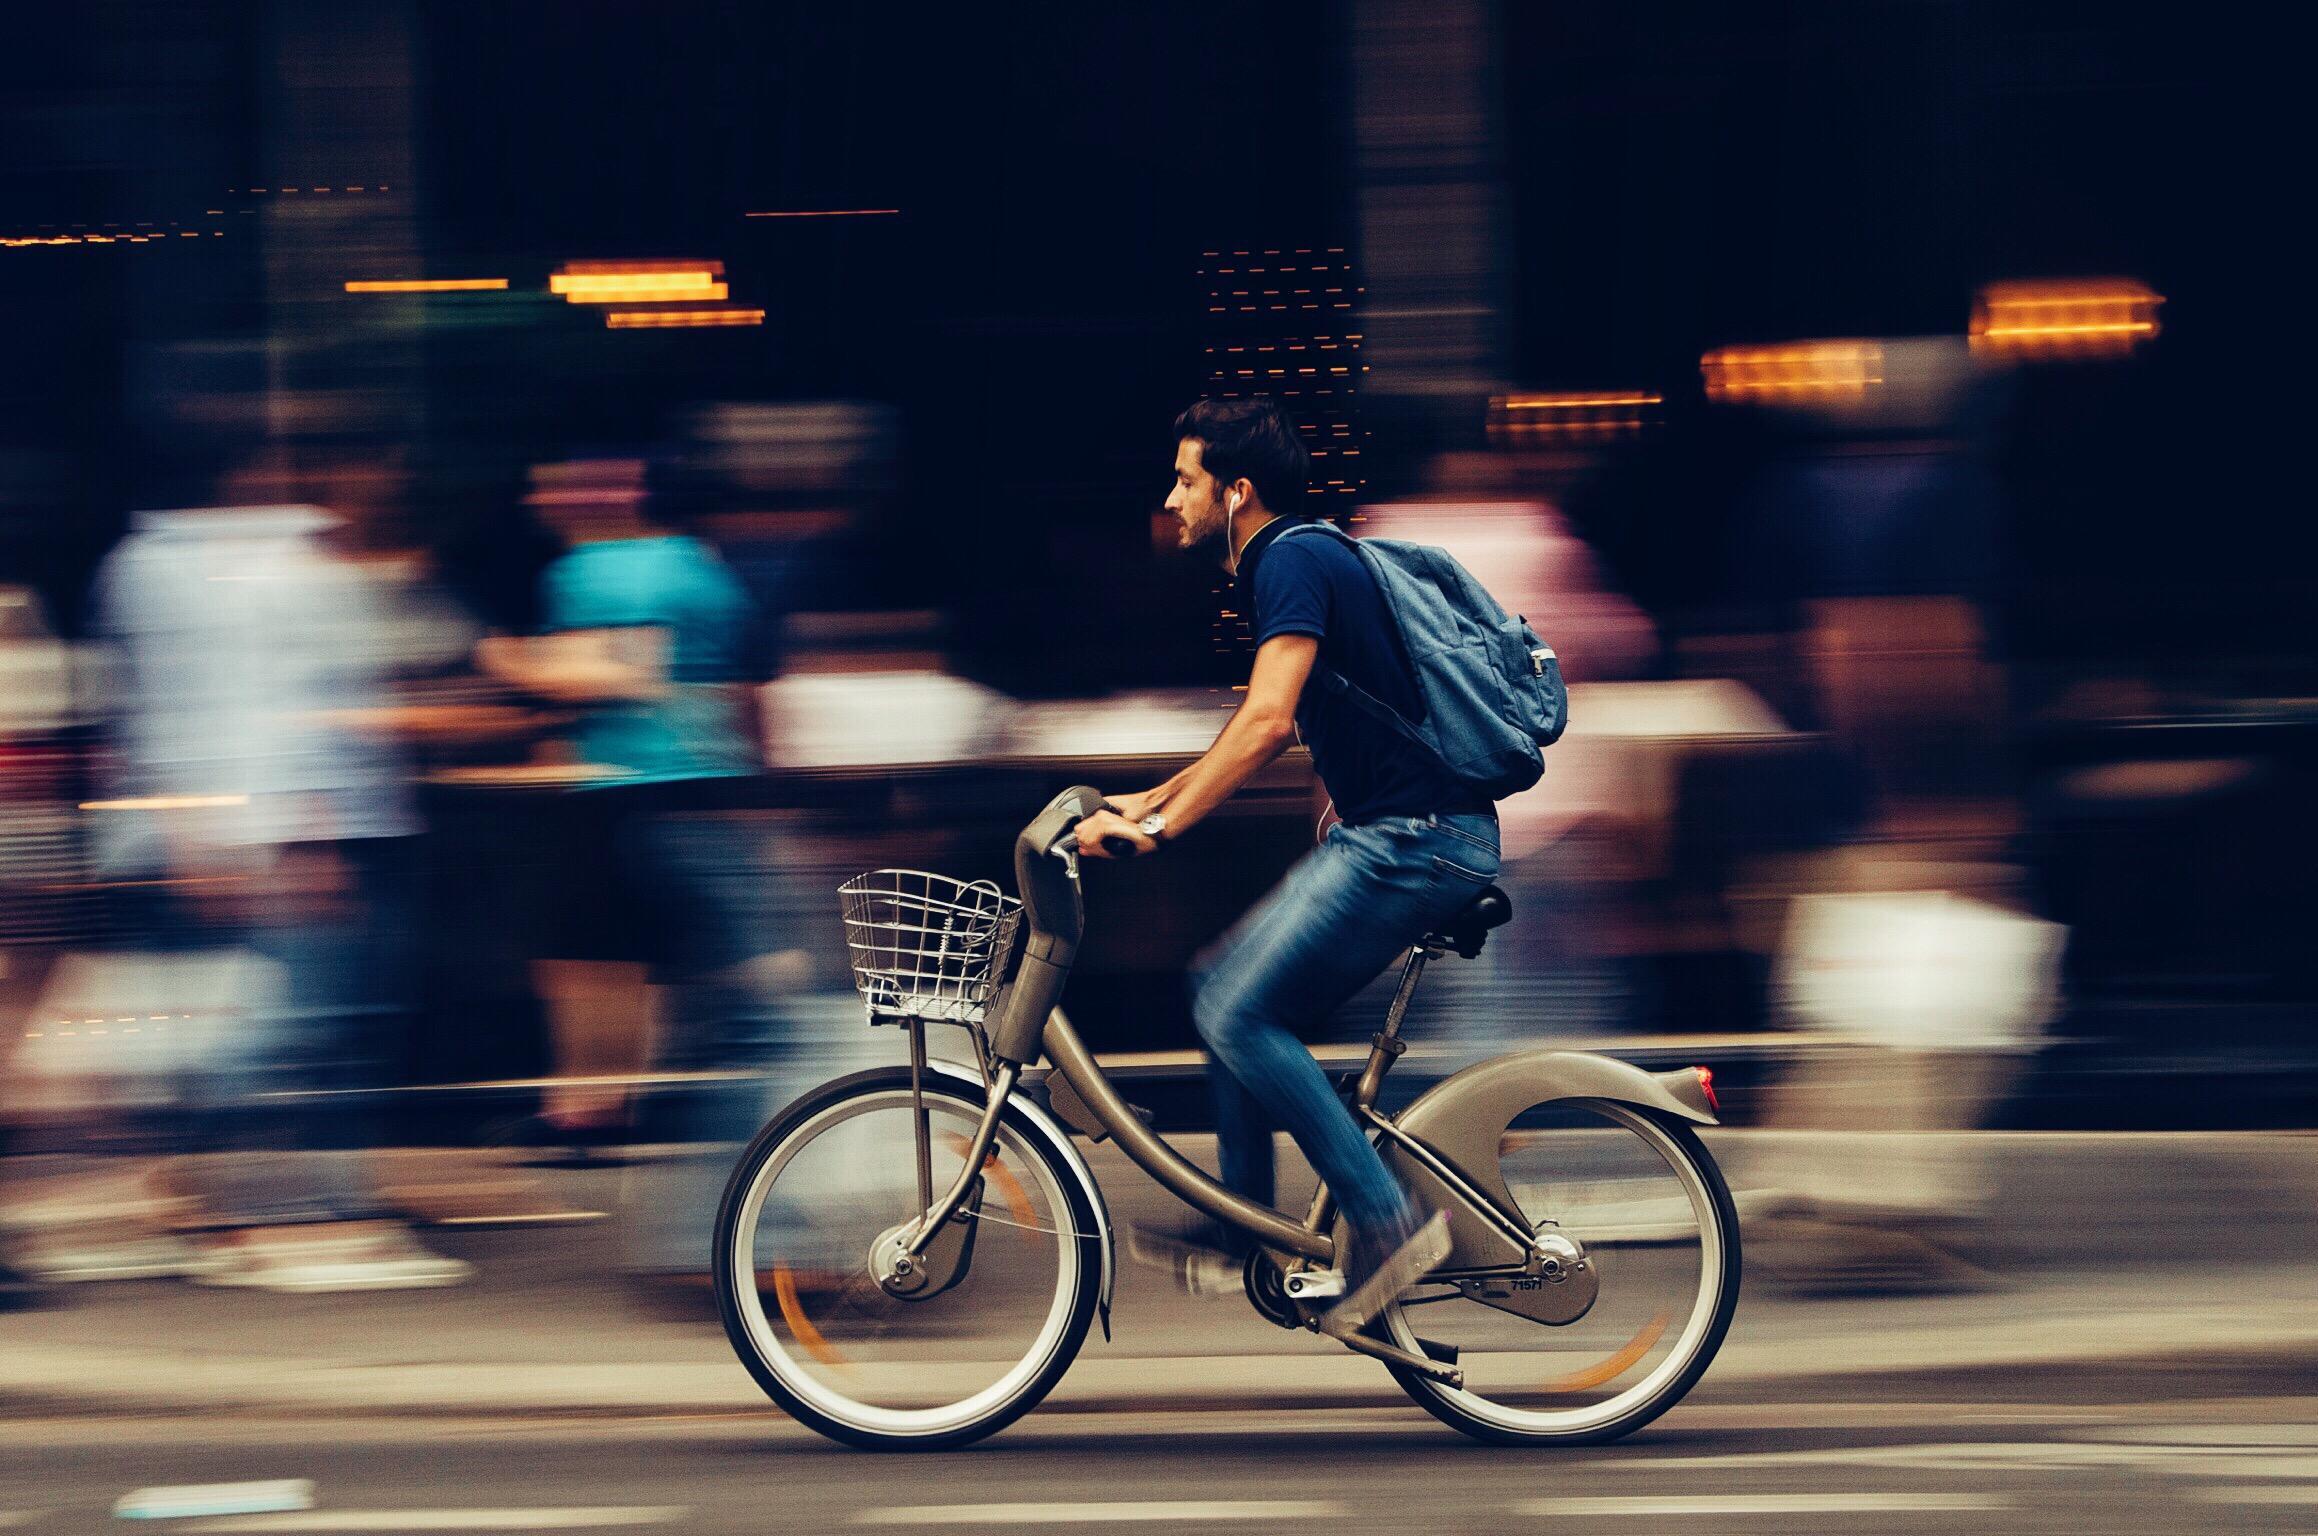 25th Annual Escape New York Bike Ride